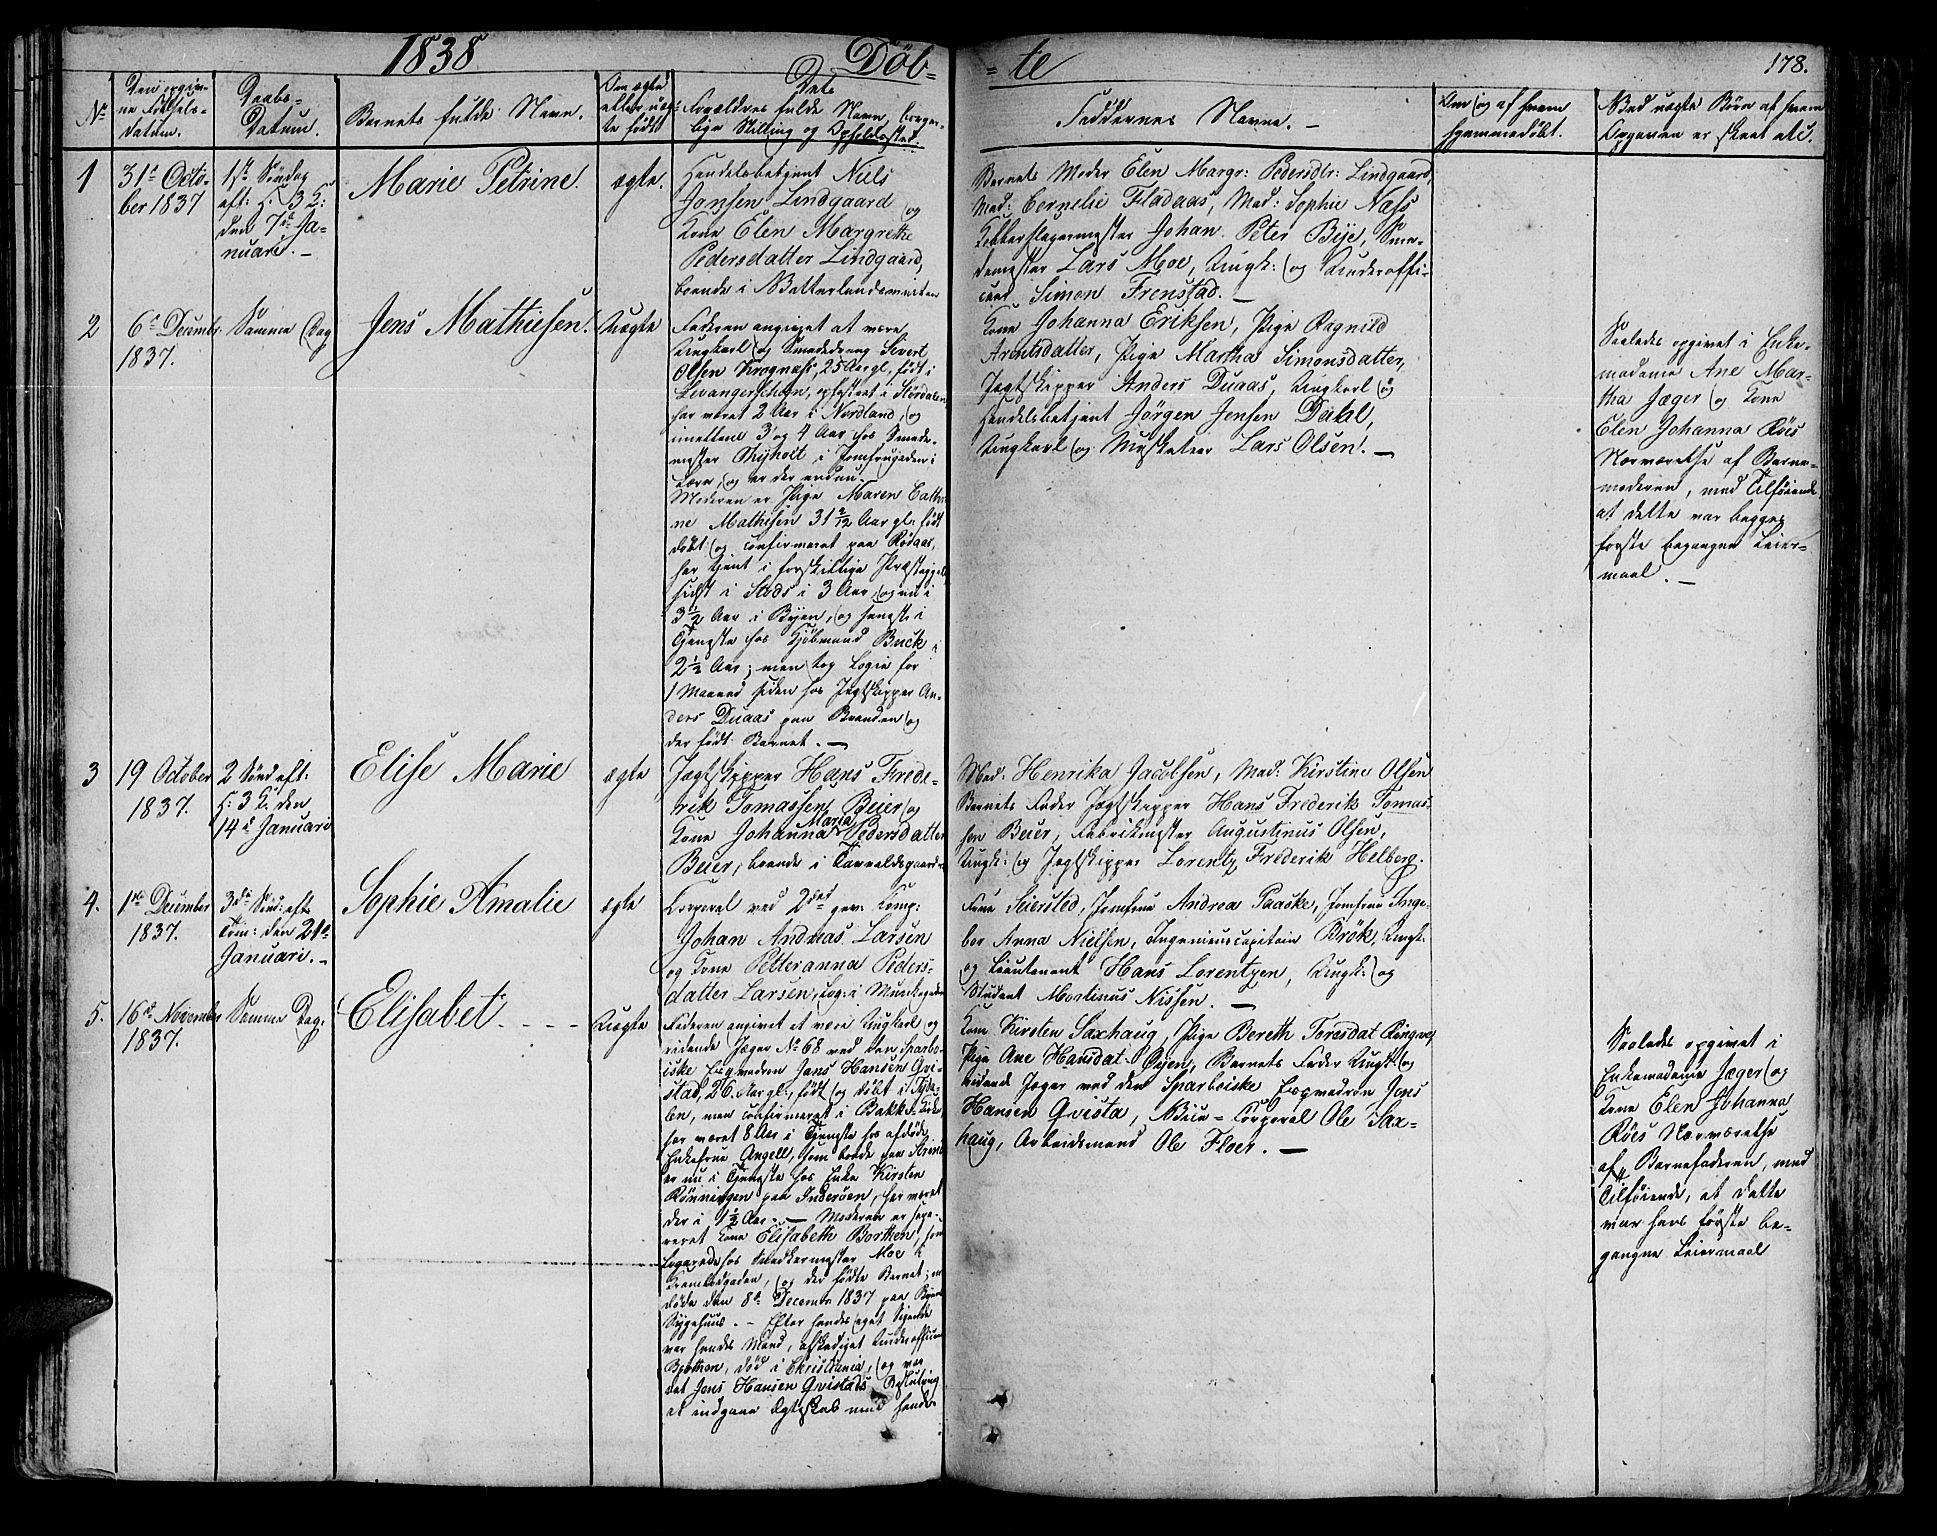 SAT, Ministerialprotokoller, klokkerbøker og fødselsregistre - Sør-Trøndelag, 602/L0108: Ministerialbok nr. 602A06, 1821-1839, s. 178